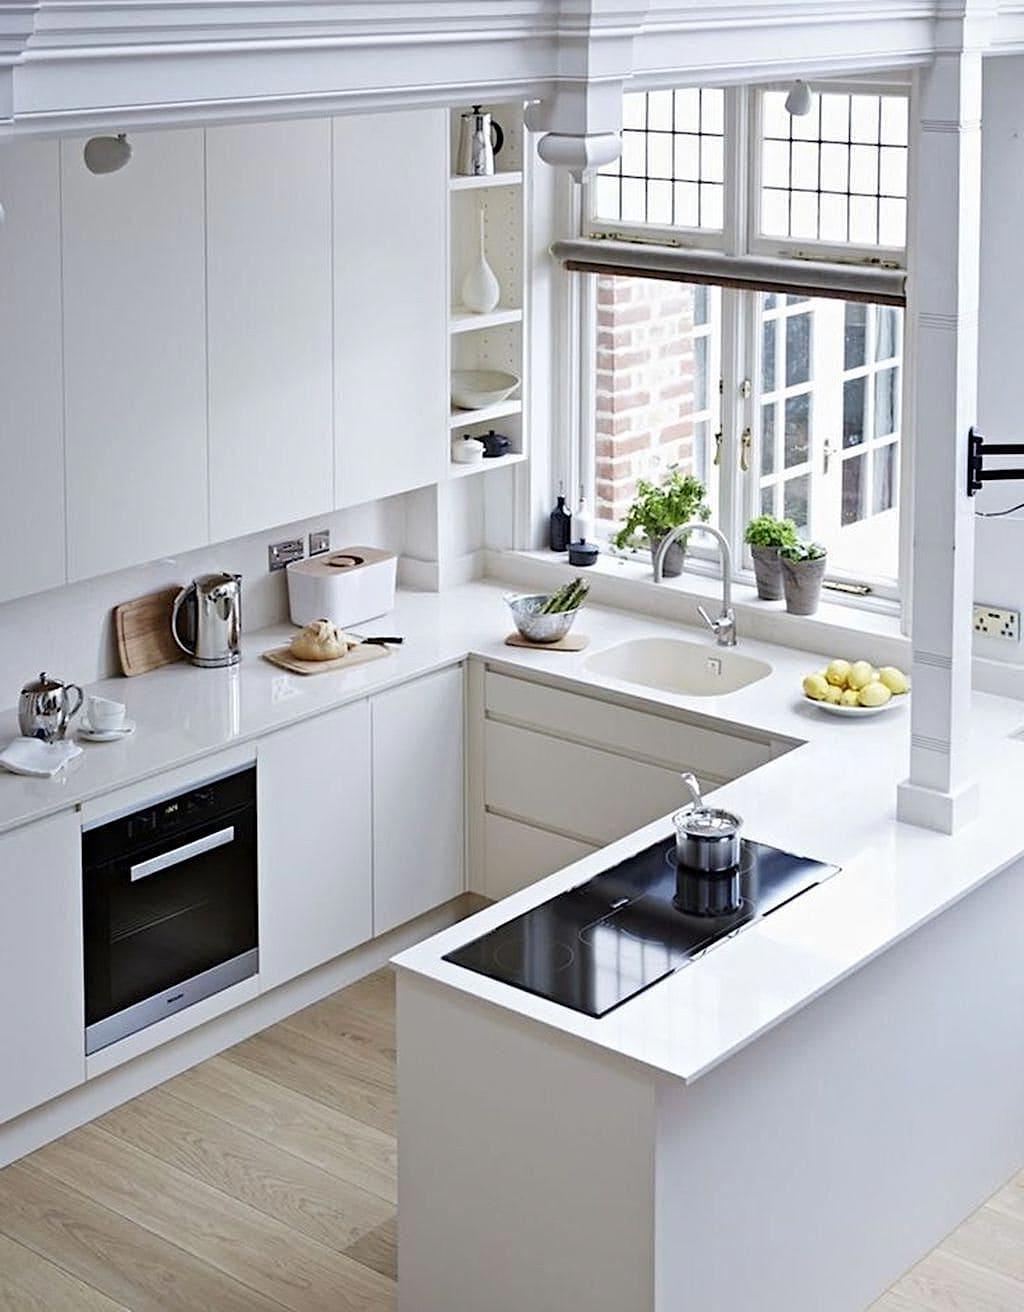 барная стойка на кухне фото 19